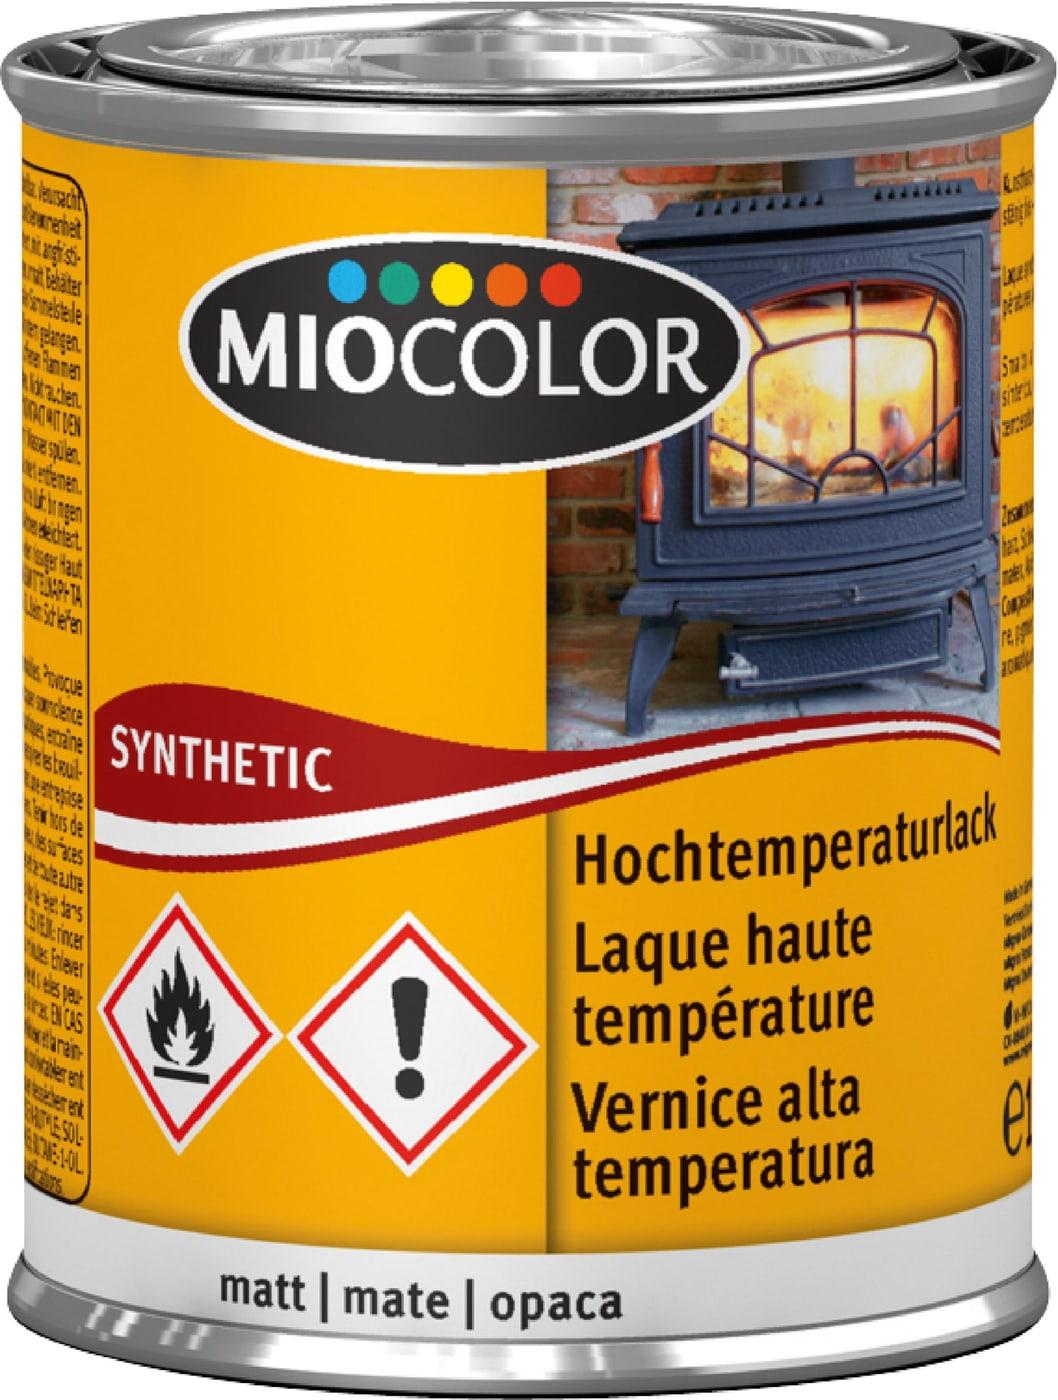 Peinture Laque Noir Mat miocolor mc laque haute température mate noir 125 ml